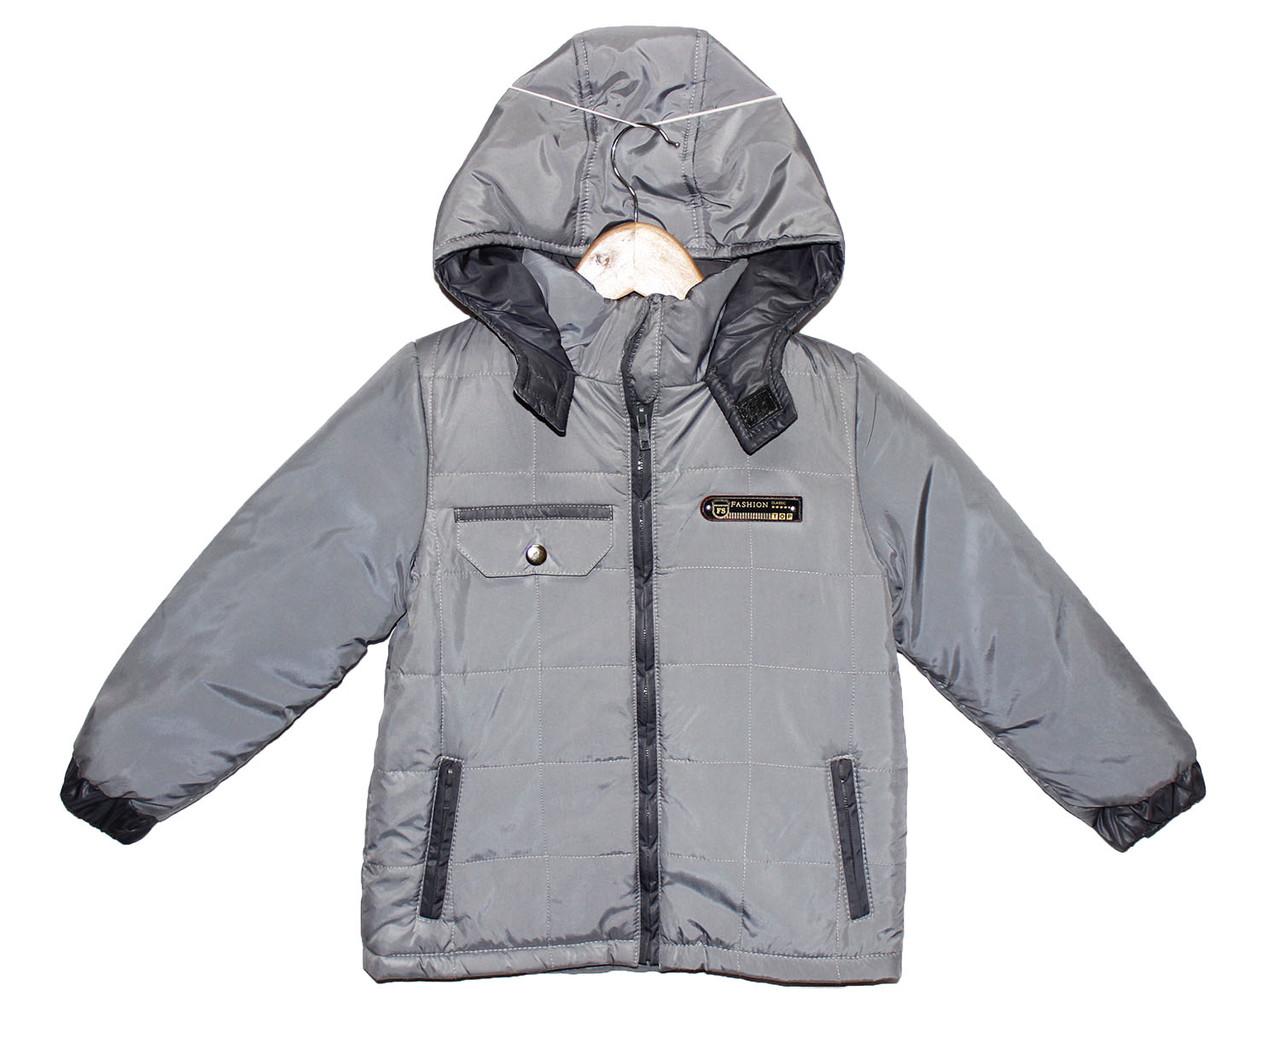 Куртки детские демежсезоные для мальчика Fashion #1